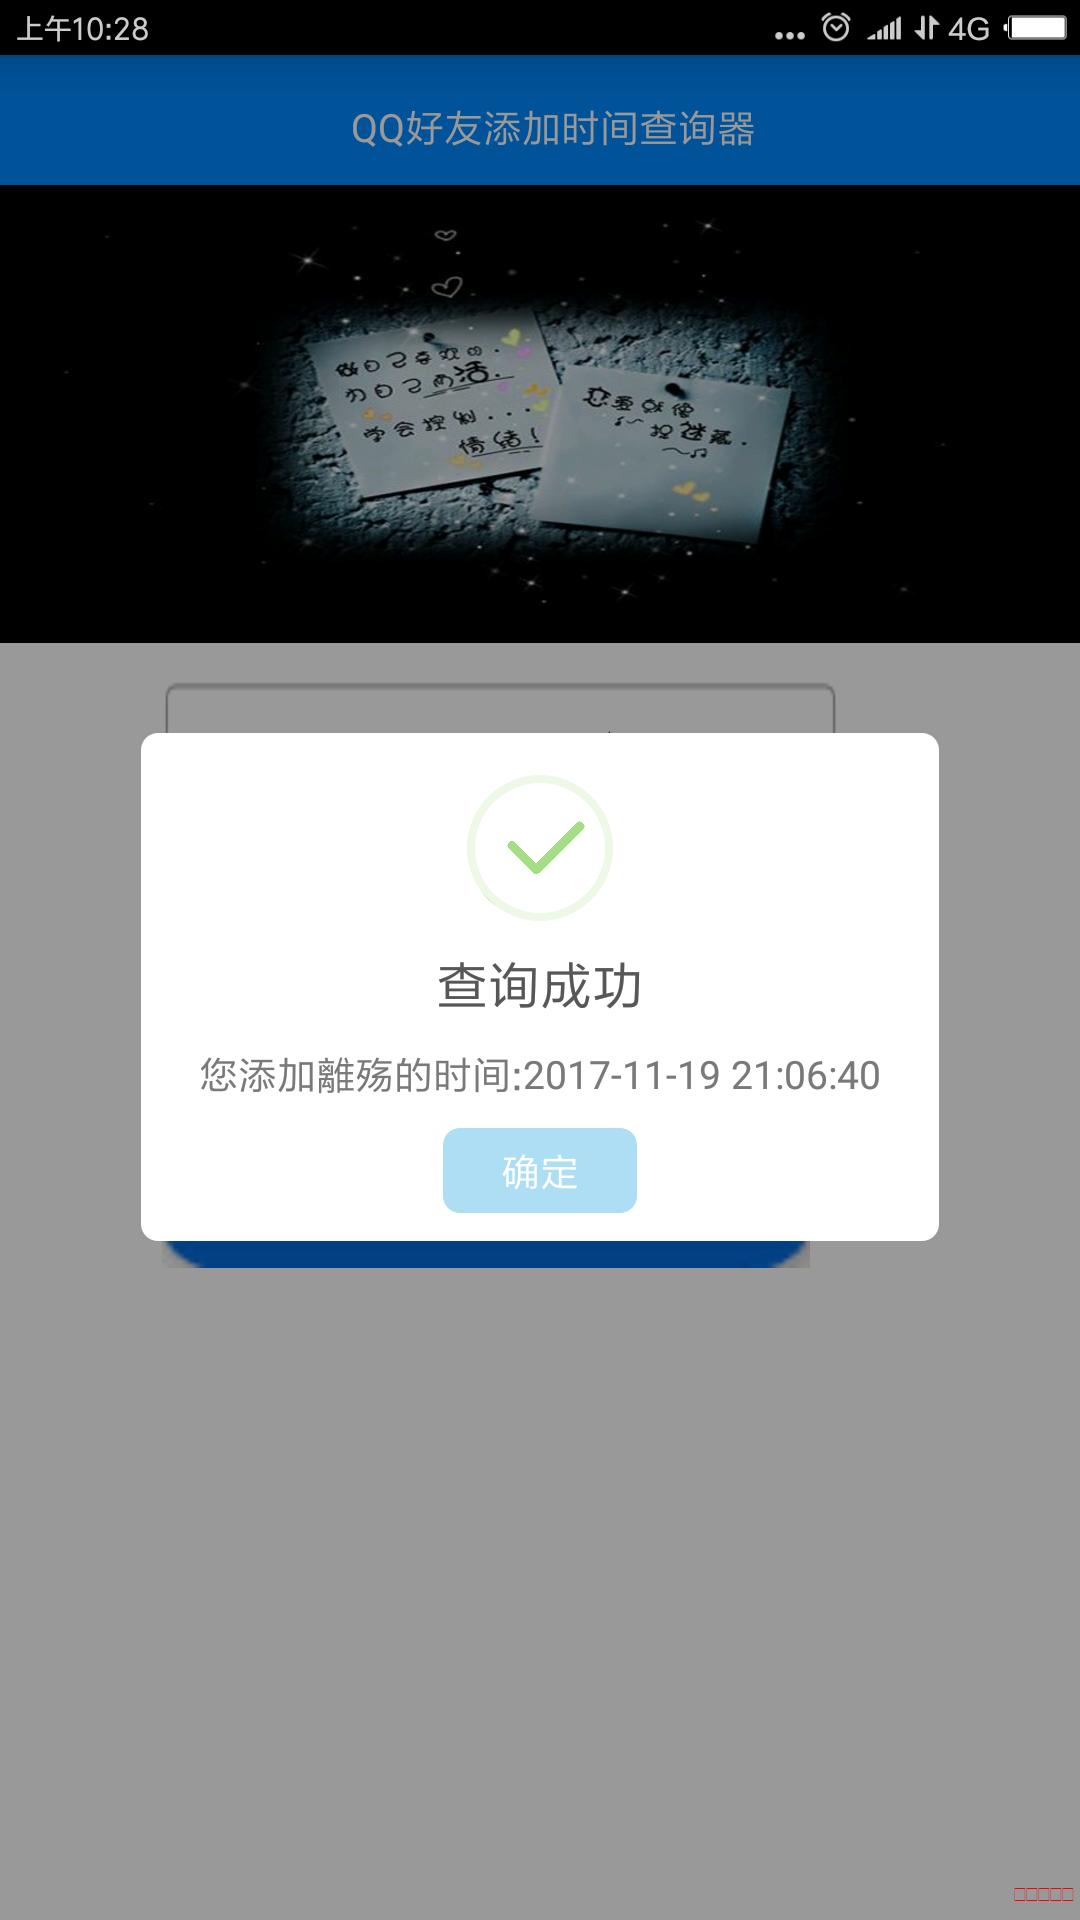 QQ 好友添加时间查询器(1.0)一键查看精确到时分秒